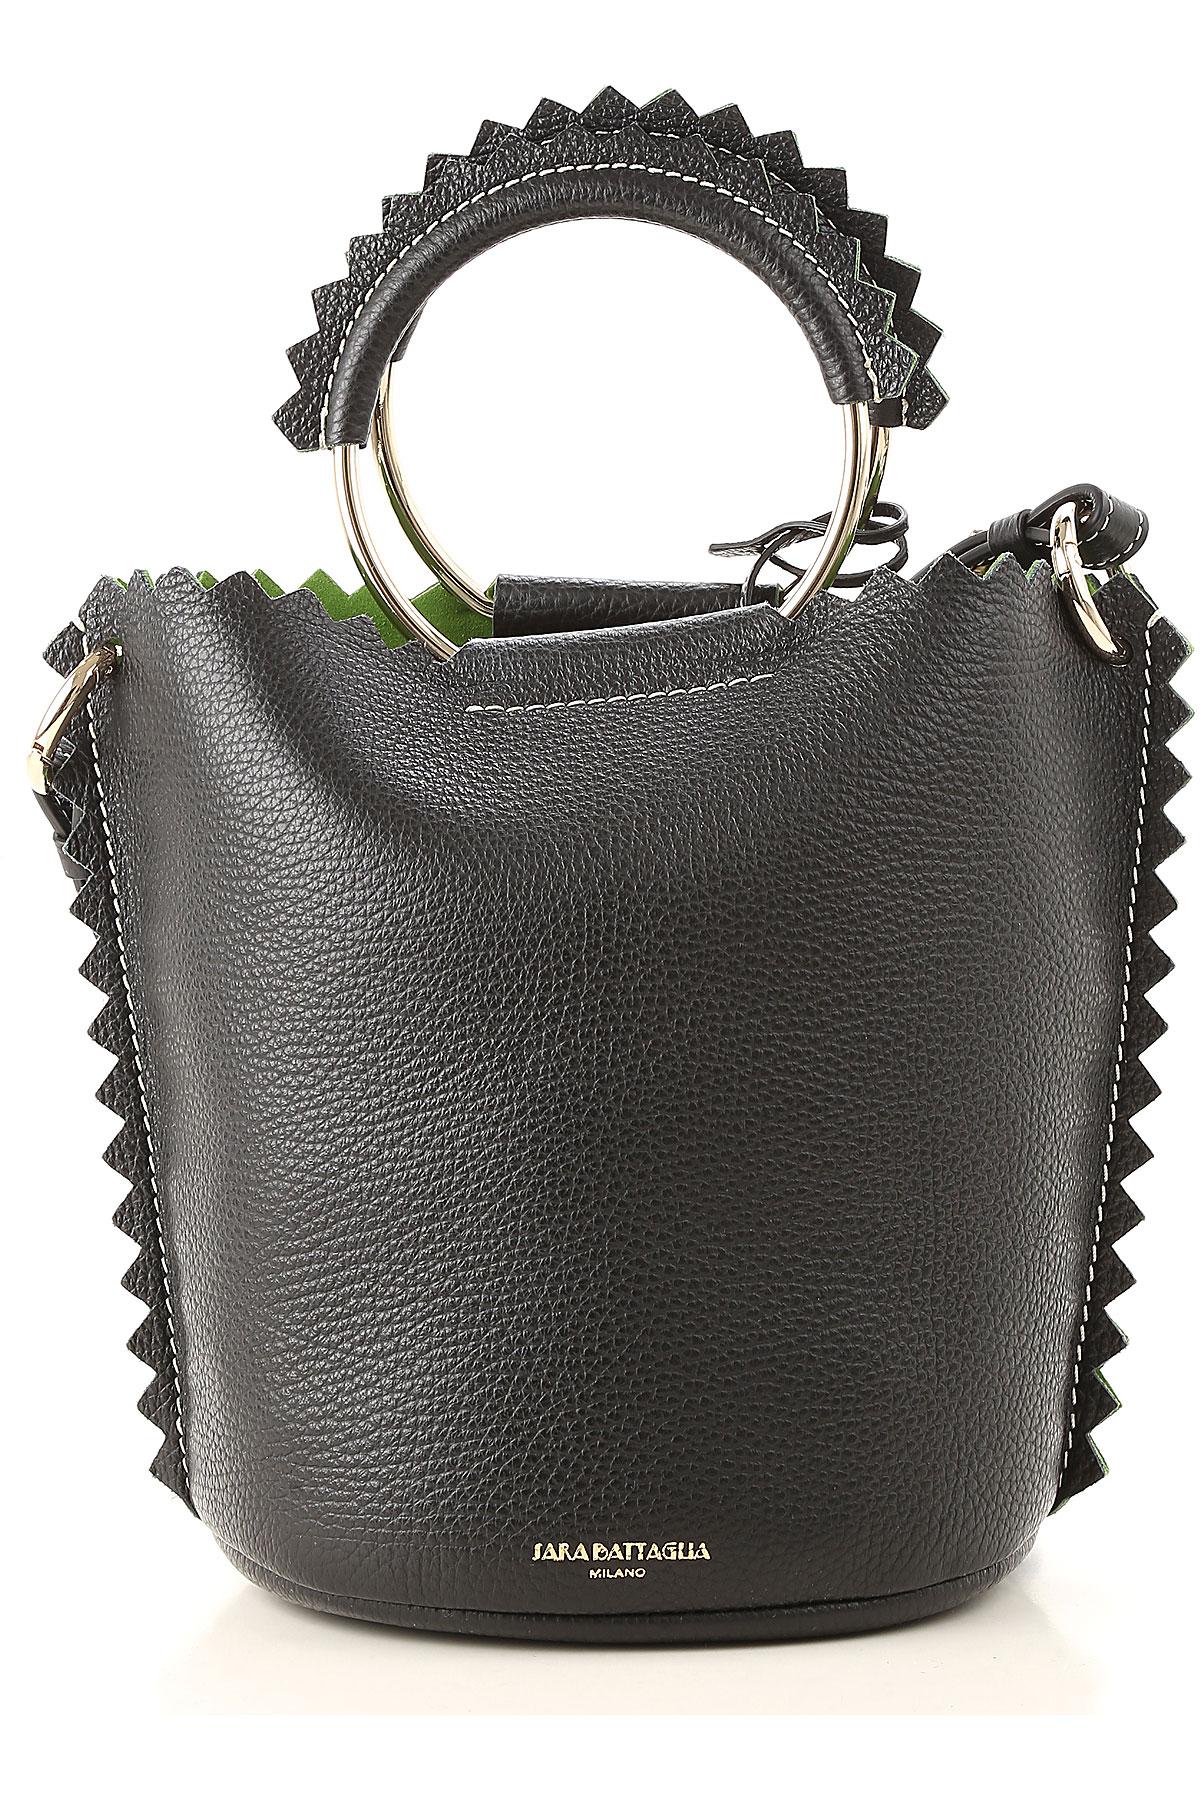 Image of Sara Battaglia Shoulder Bag for Women, Black, Leather, 2017